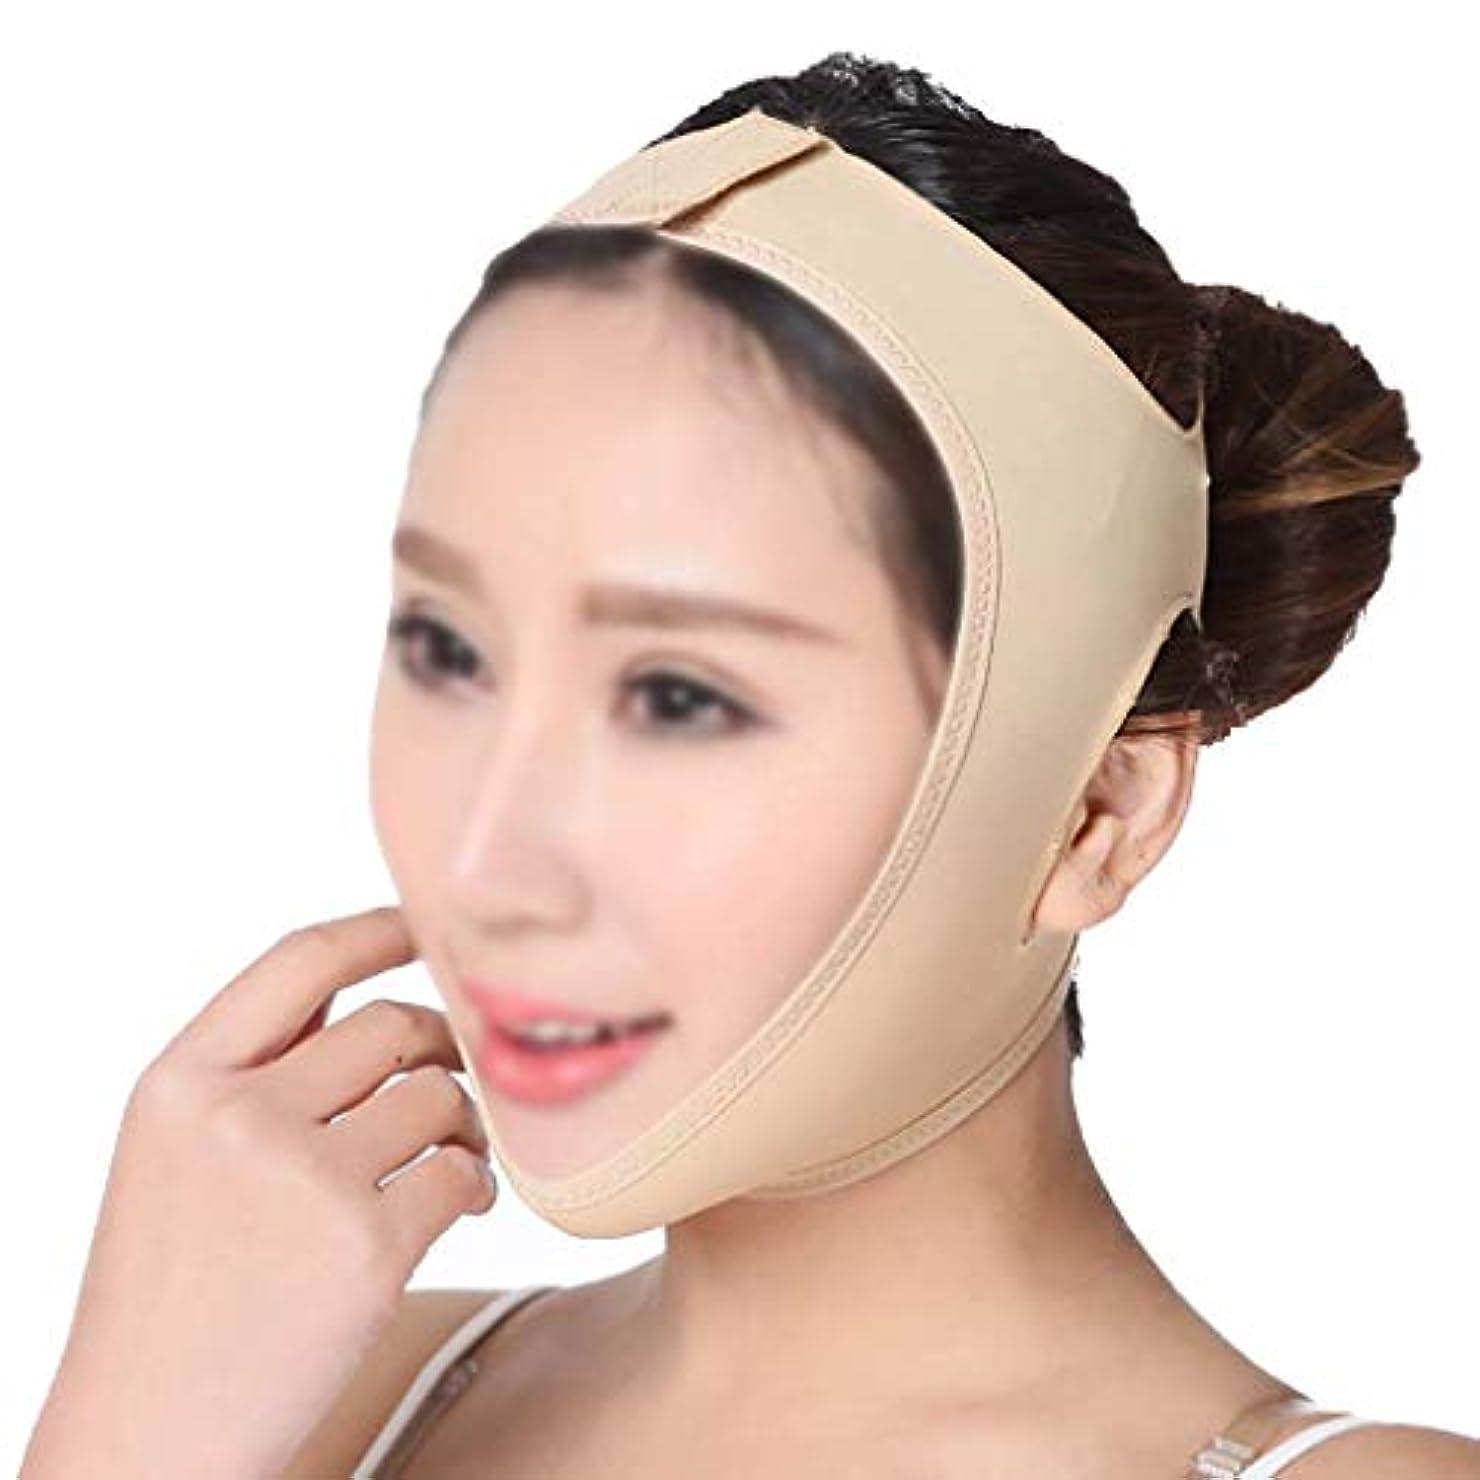 段落嫌がる時々時々フェイスリフティング包帯、Vフェイスインストゥルメントフェイスマスクアーティファクト引き締めマスク手動フェイシャルマッサージ通気性肌のトーン(サイズ:M)